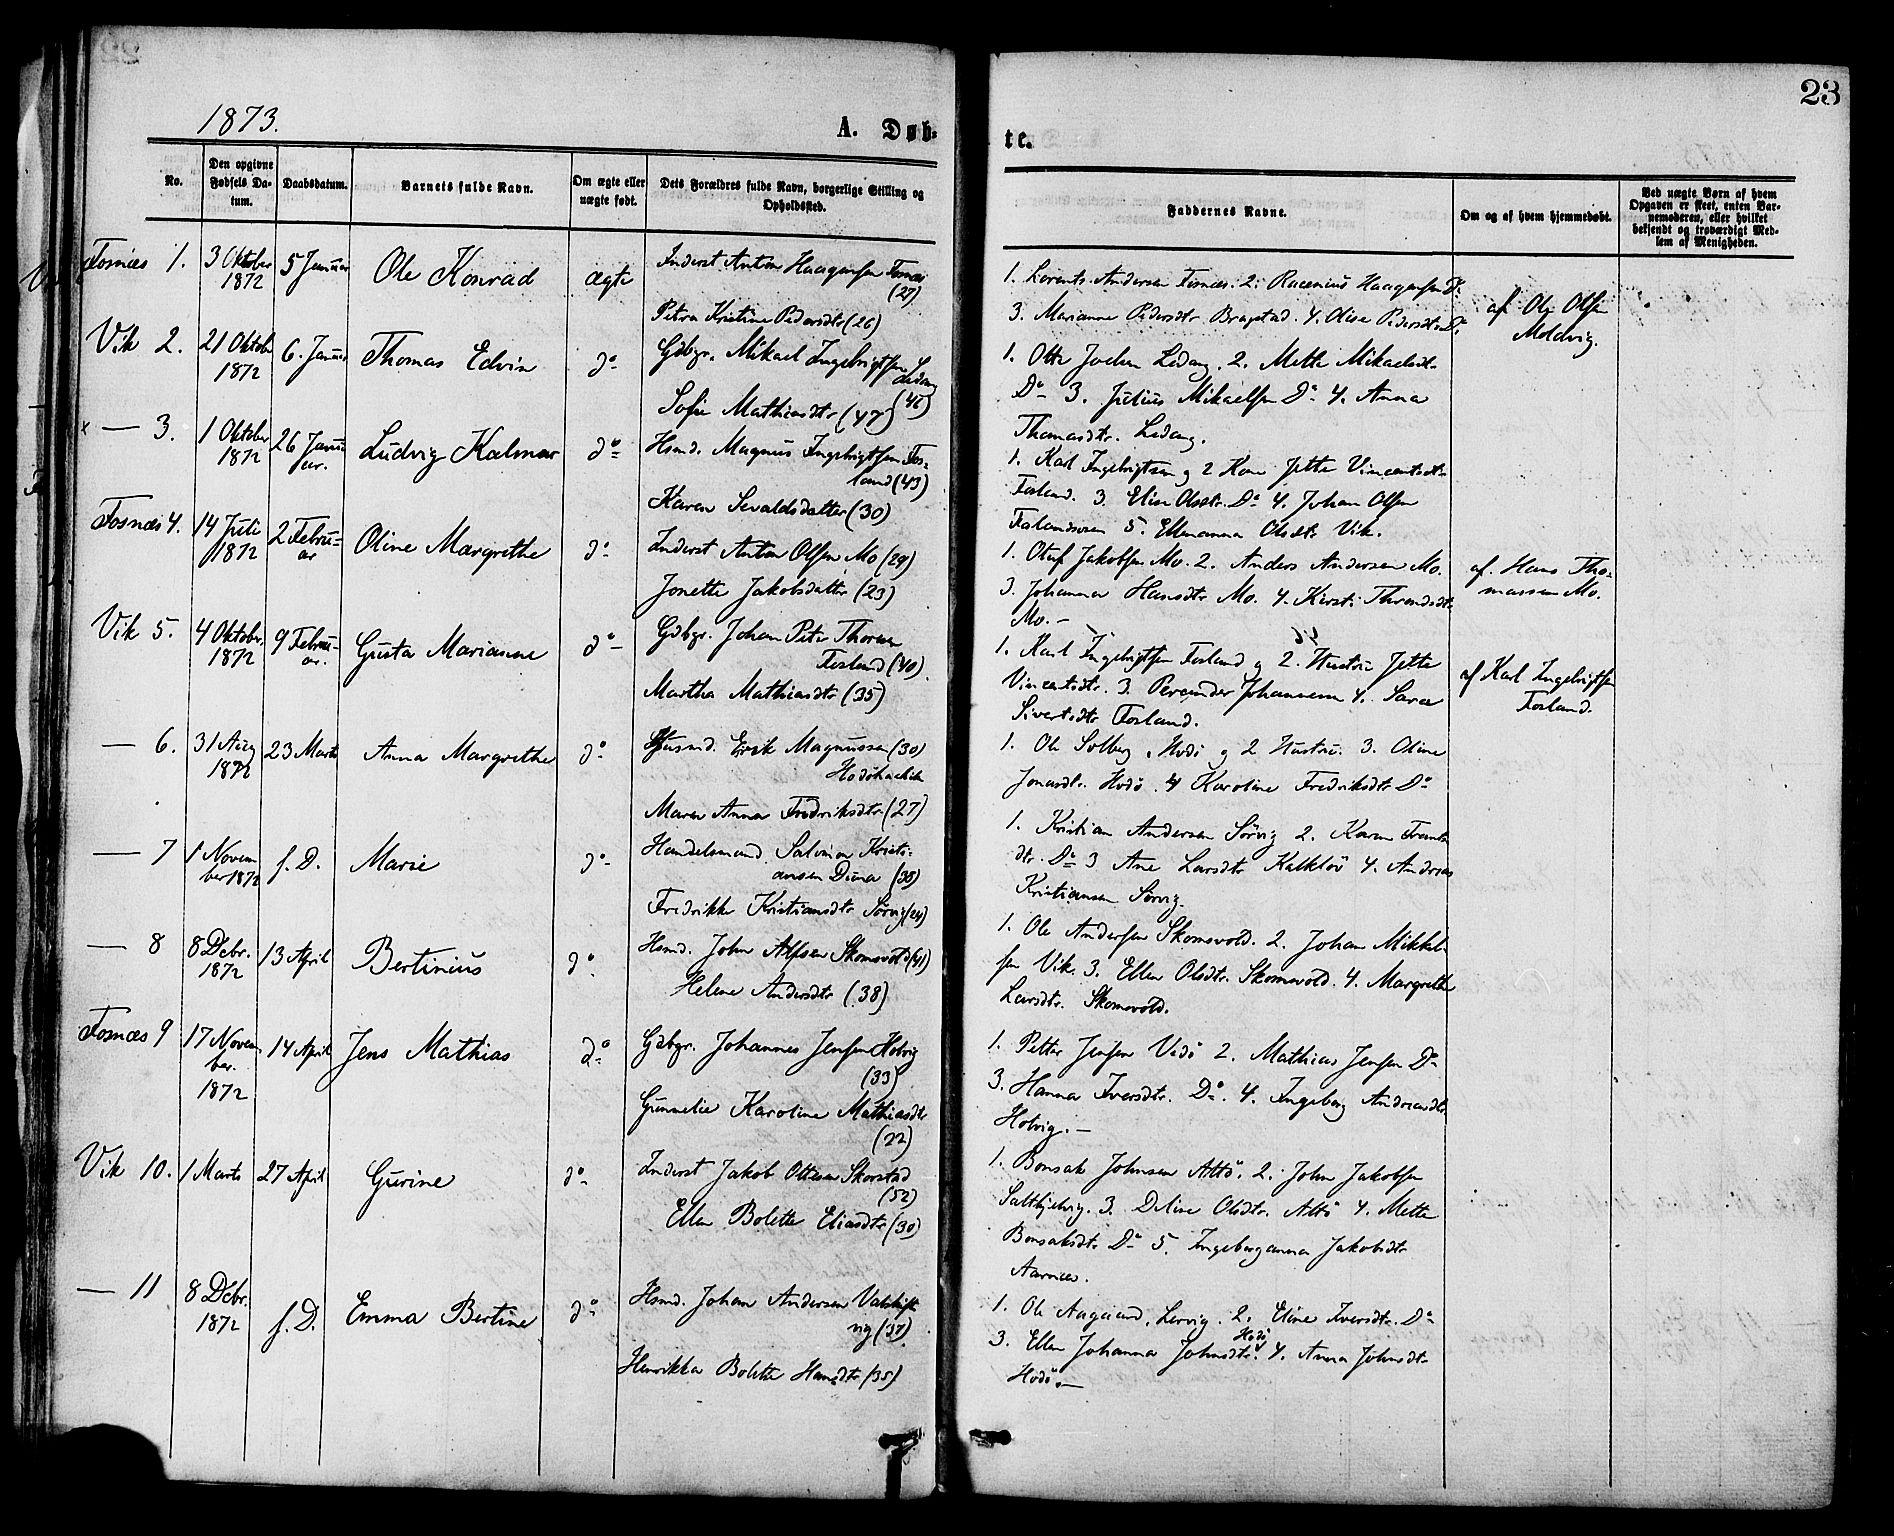 SAT, Ministerialprotokoller, klokkerbøker og fødselsregistre - Nord-Trøndelag, 773/L0616: Ministerialbok nr. 773A07, 1870-1887, s. 23